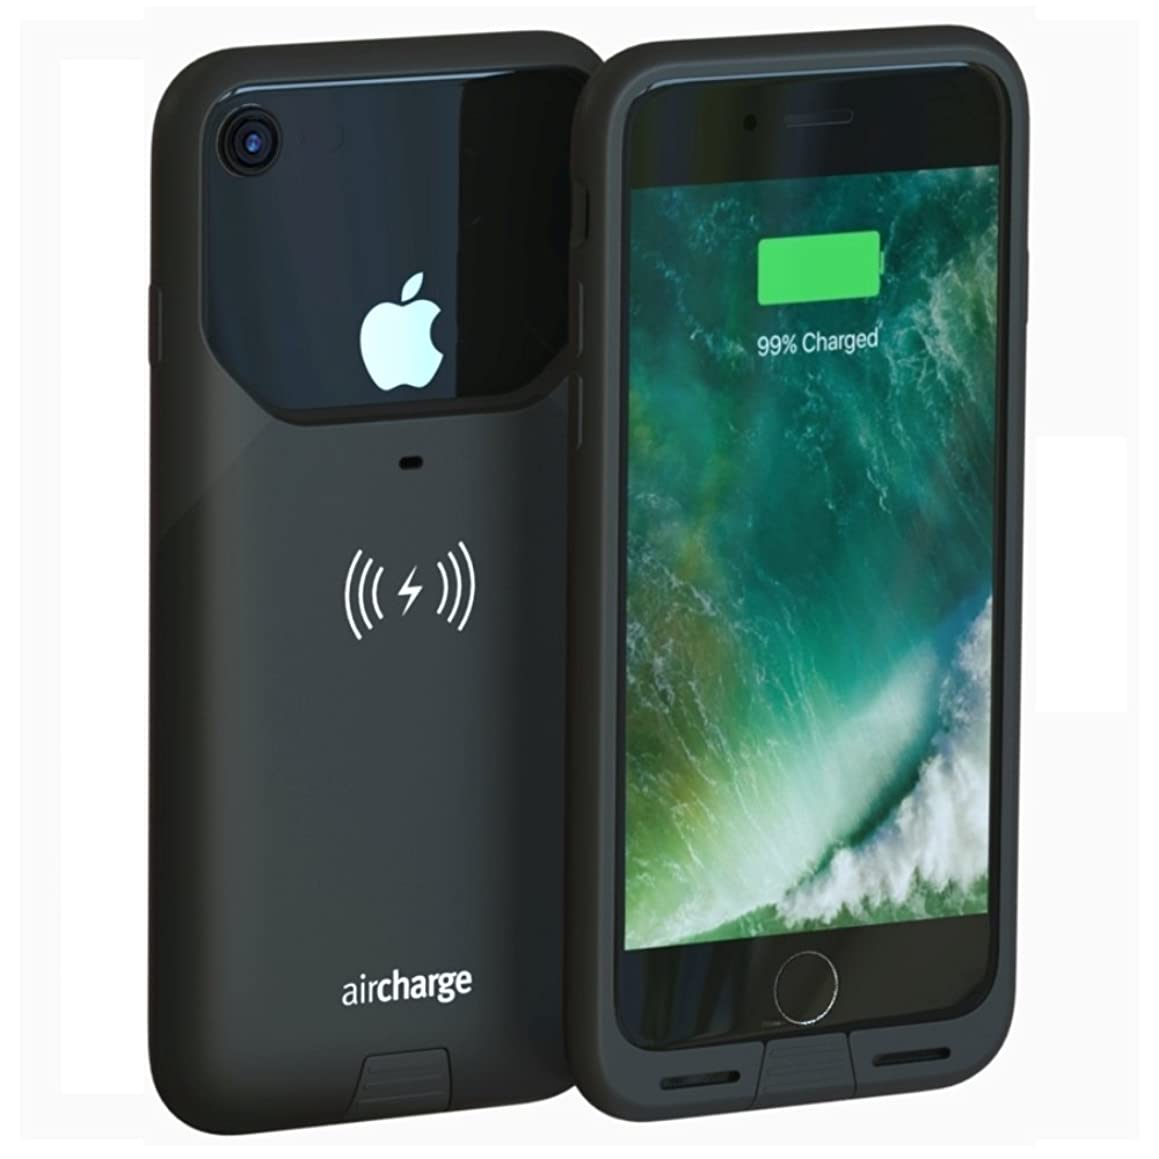 落とし穴行為王室Aircharge MFi WIRELESS CHARGING CASE, iPhone 7 AIR0337